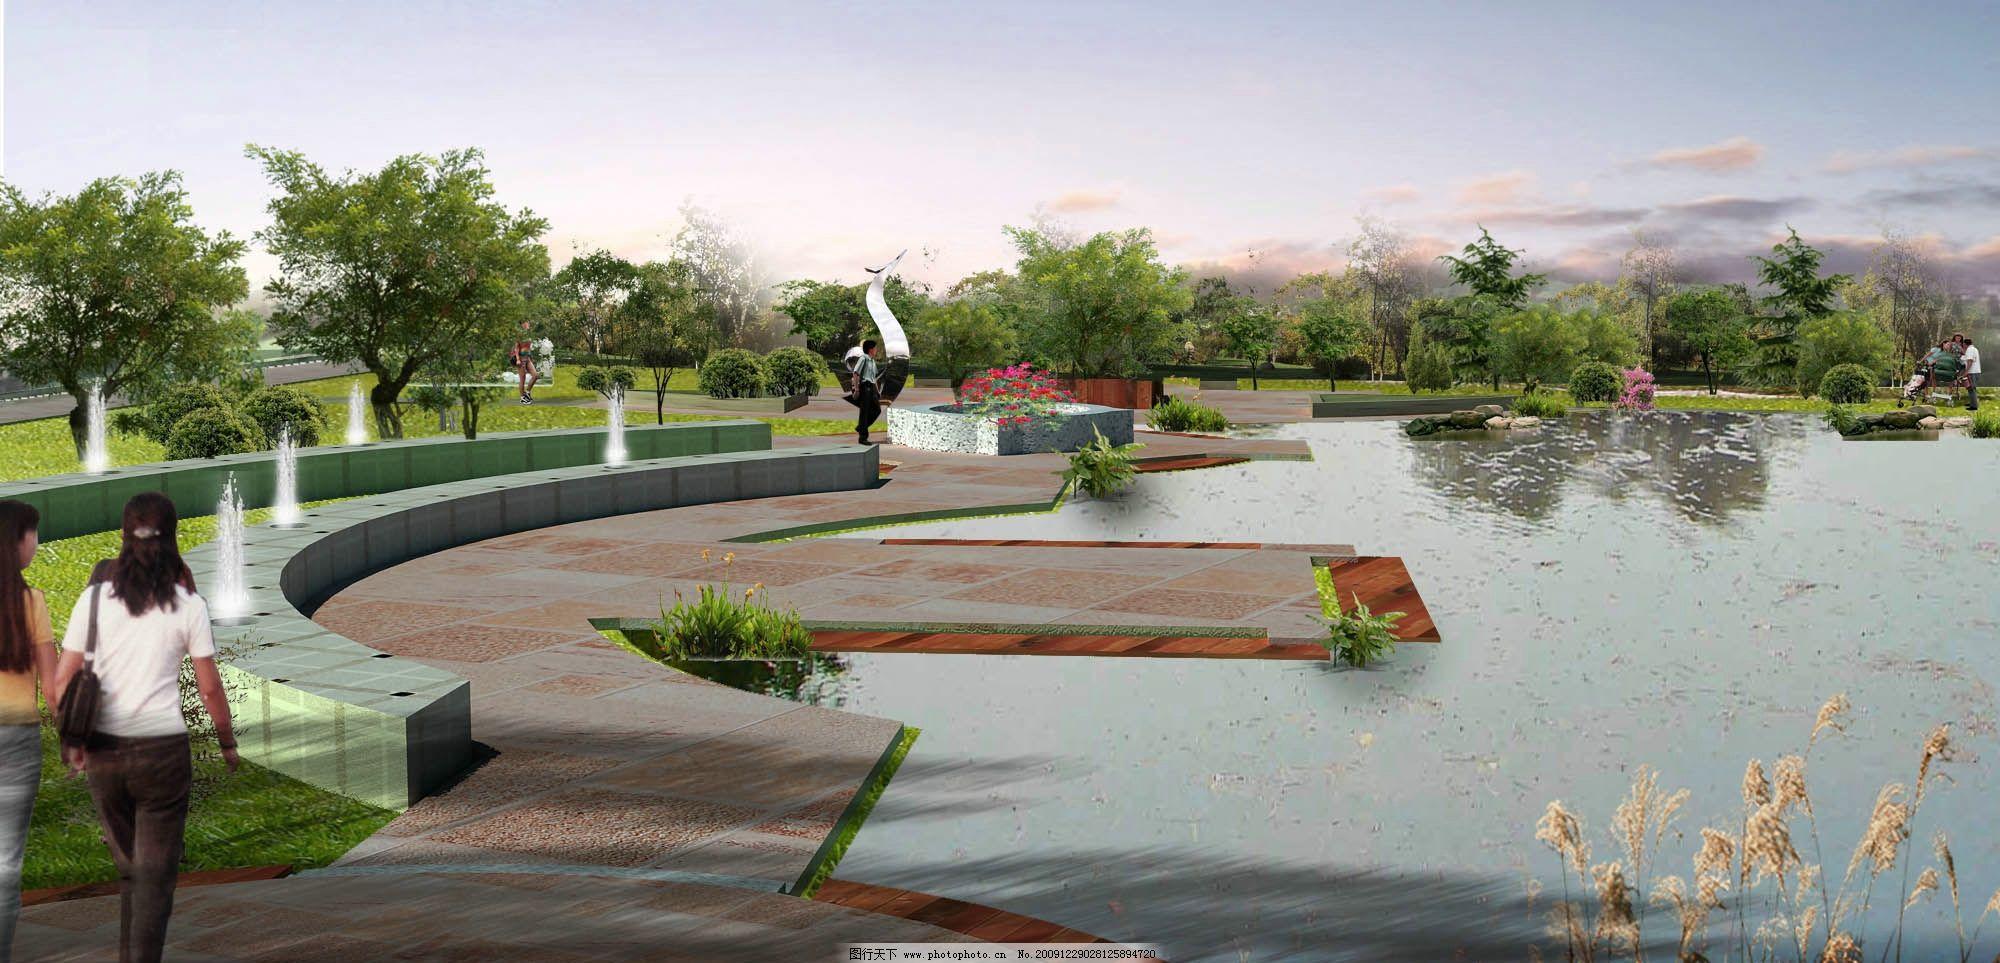 游园ps后期效果图 休闲广场效果图 休闲区域景观规划效果图 休闲空间